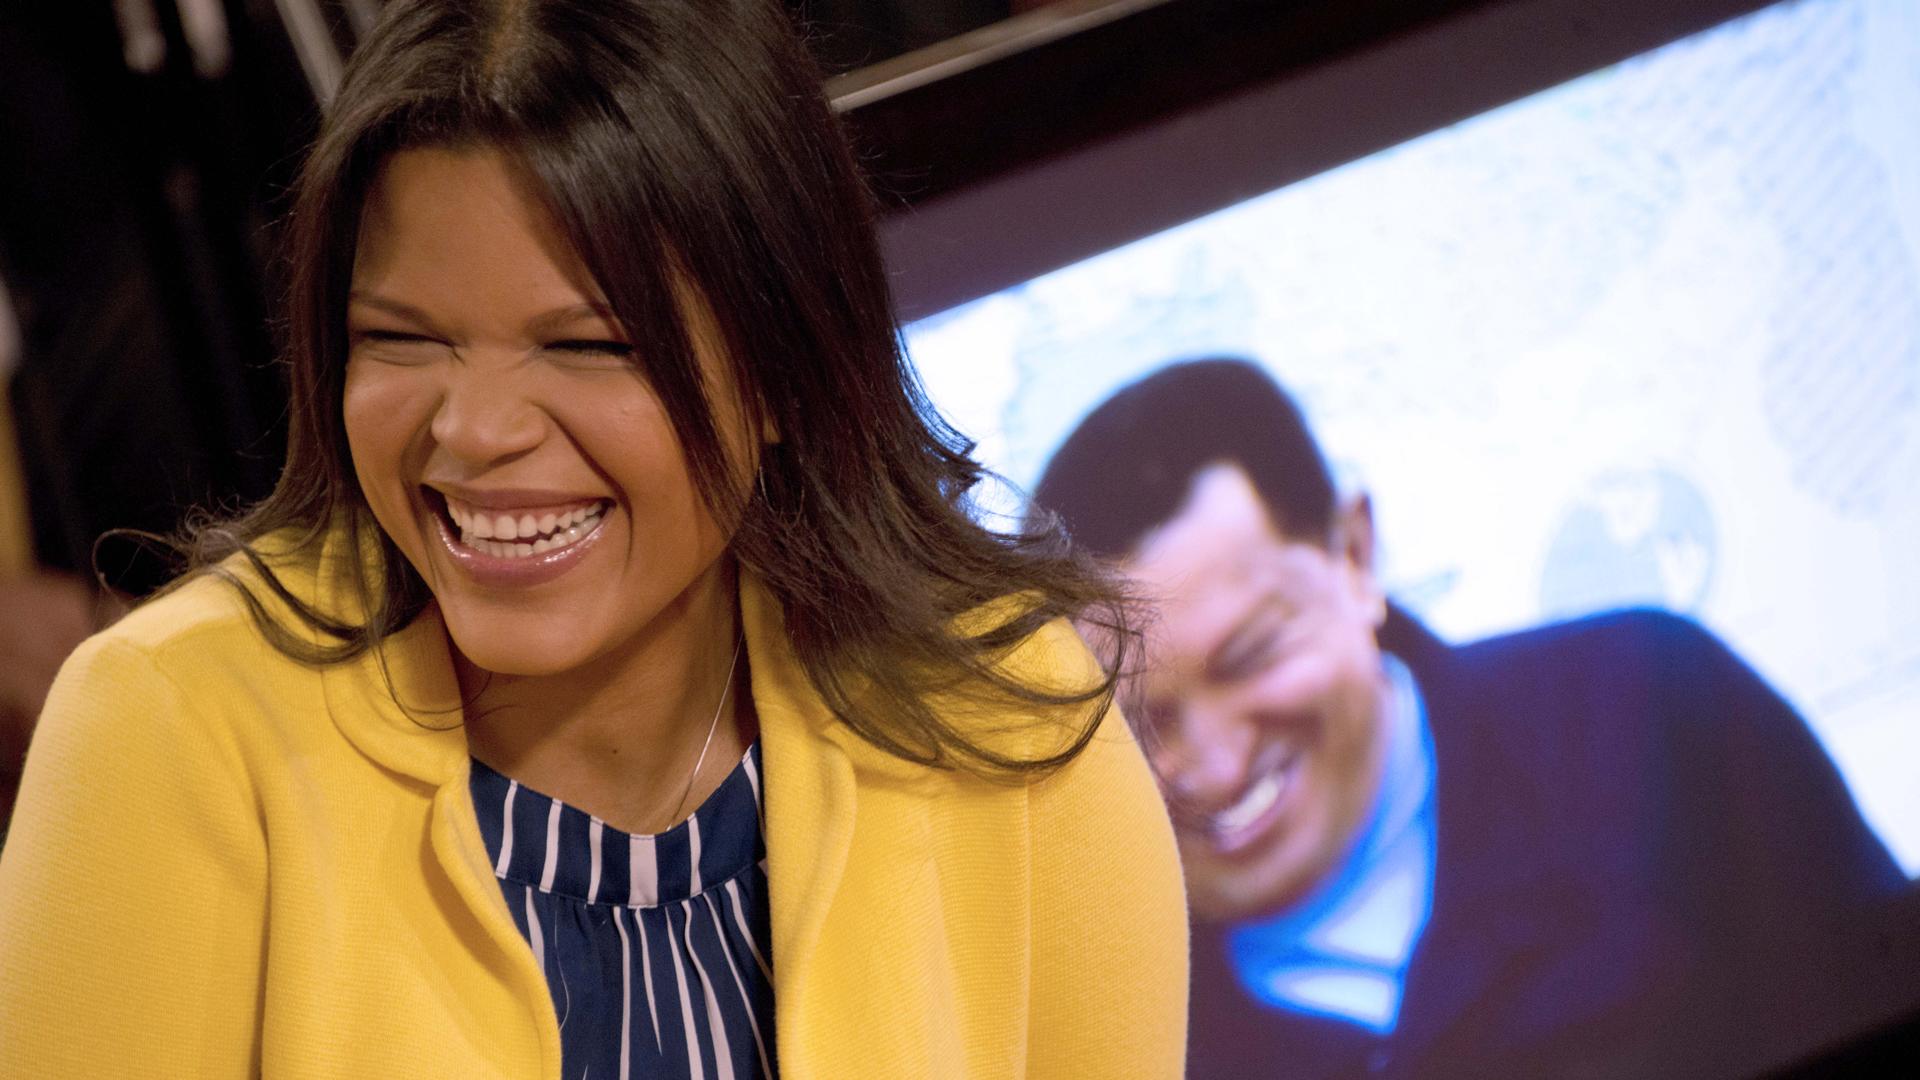 مماريا غابريلا : اكثر نساء فنزويلا ثراء